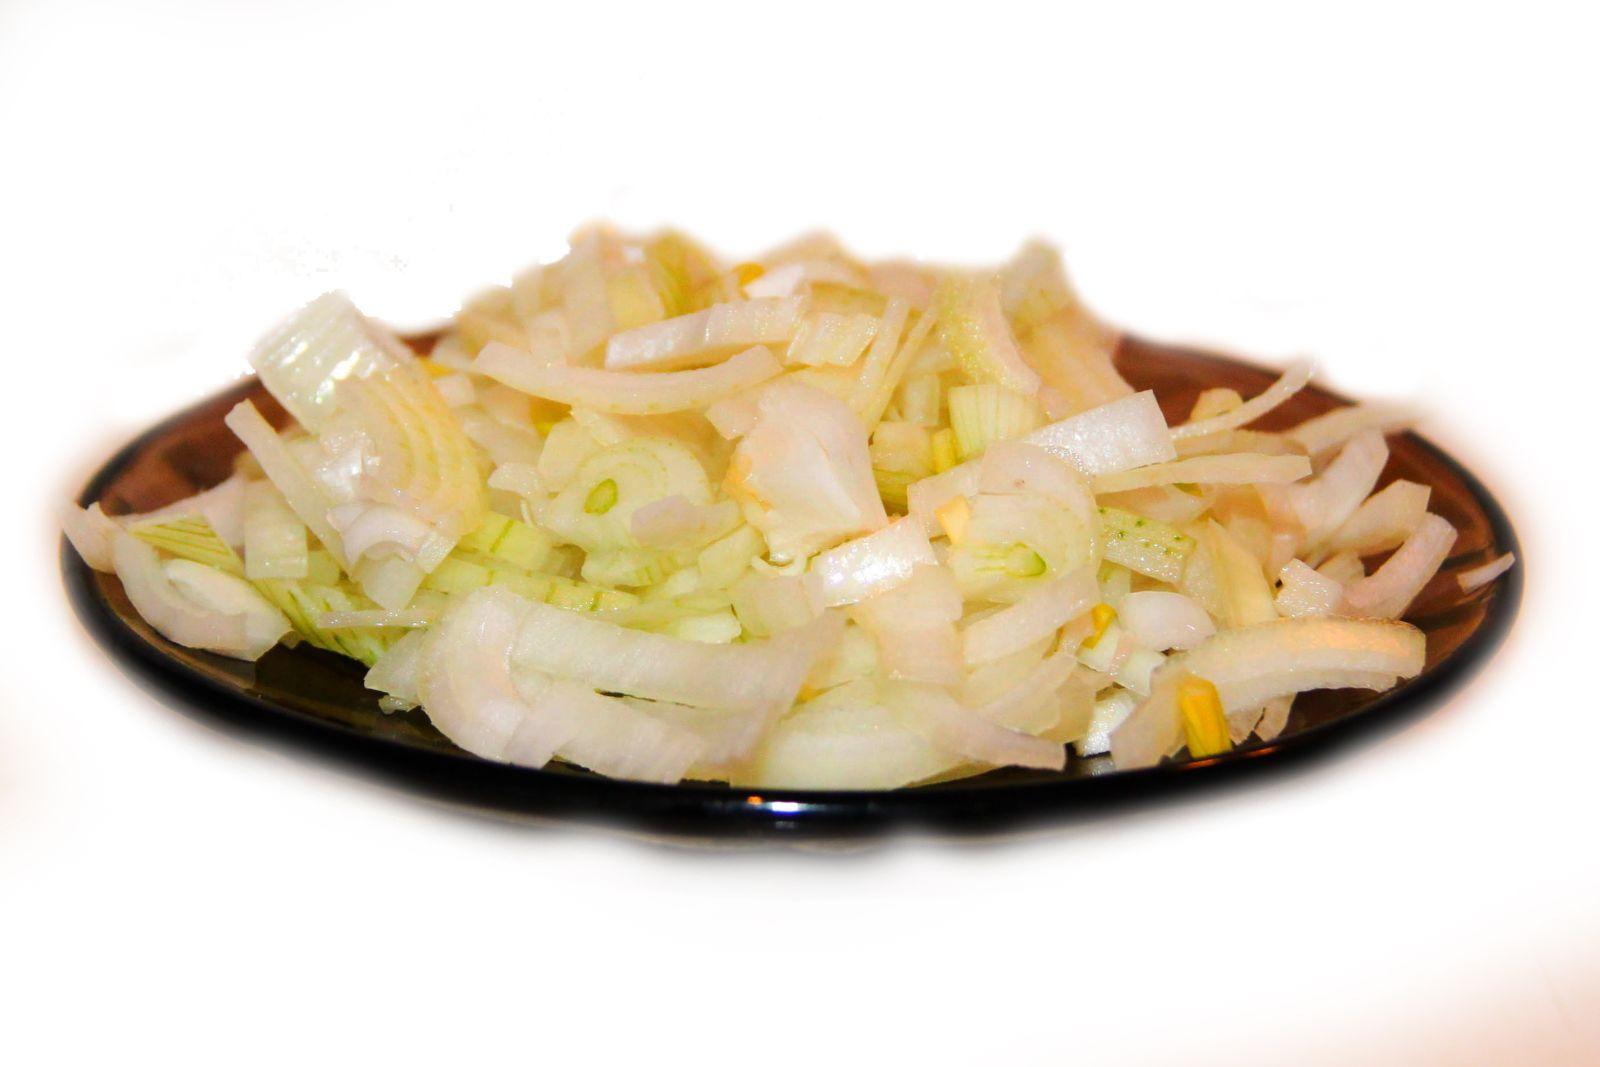 щи из свежей капусты без мяса - рецепт с фото